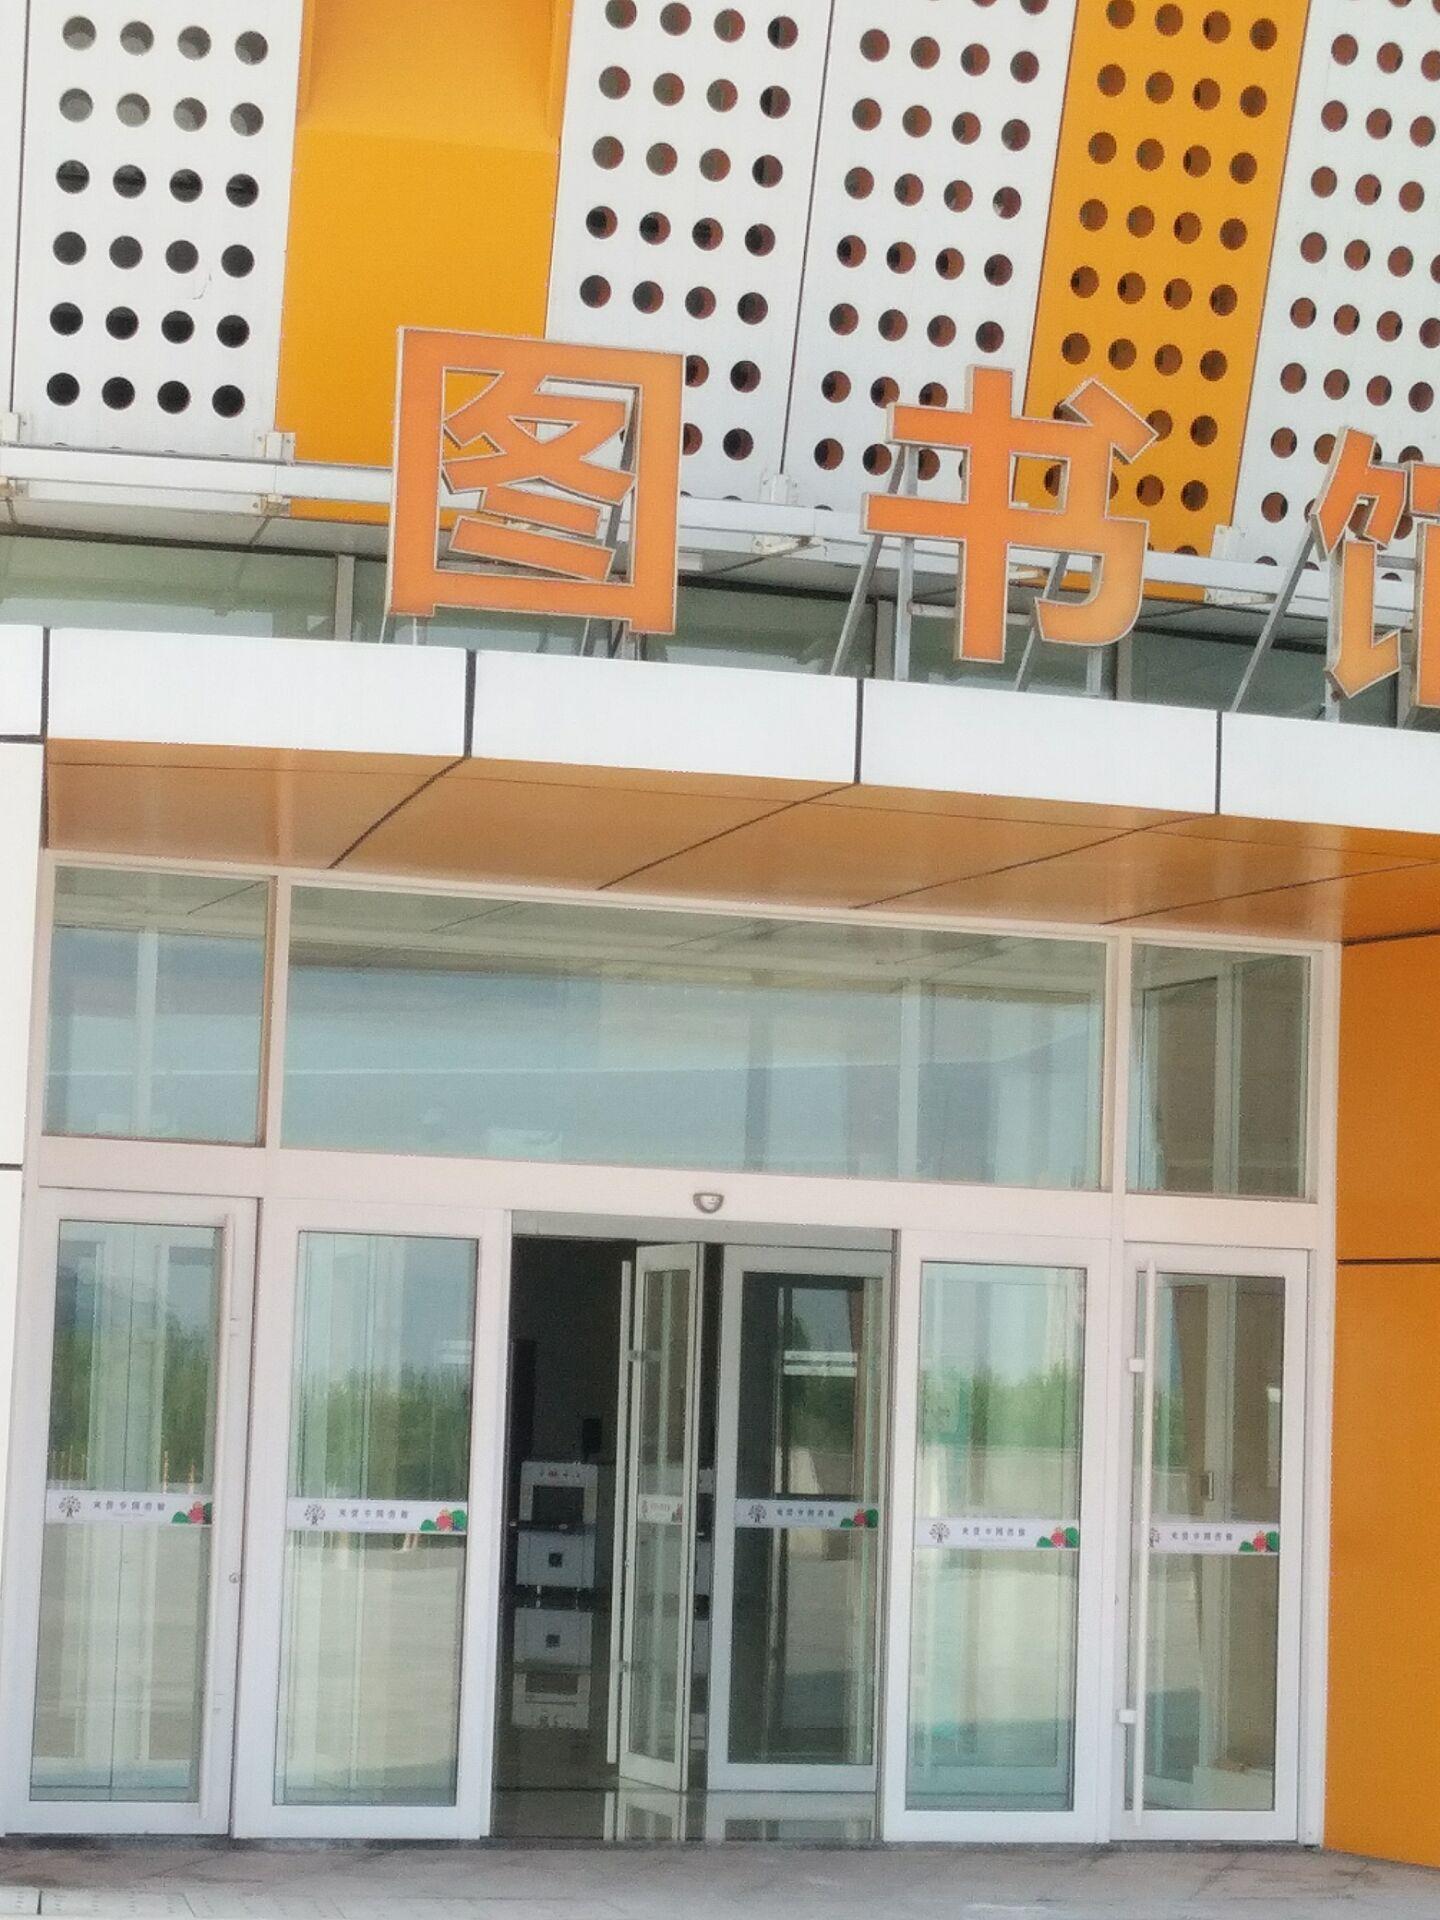 山东省东营市胜利大街与南二路交叉口东营市文化活动中心图书馆馆内